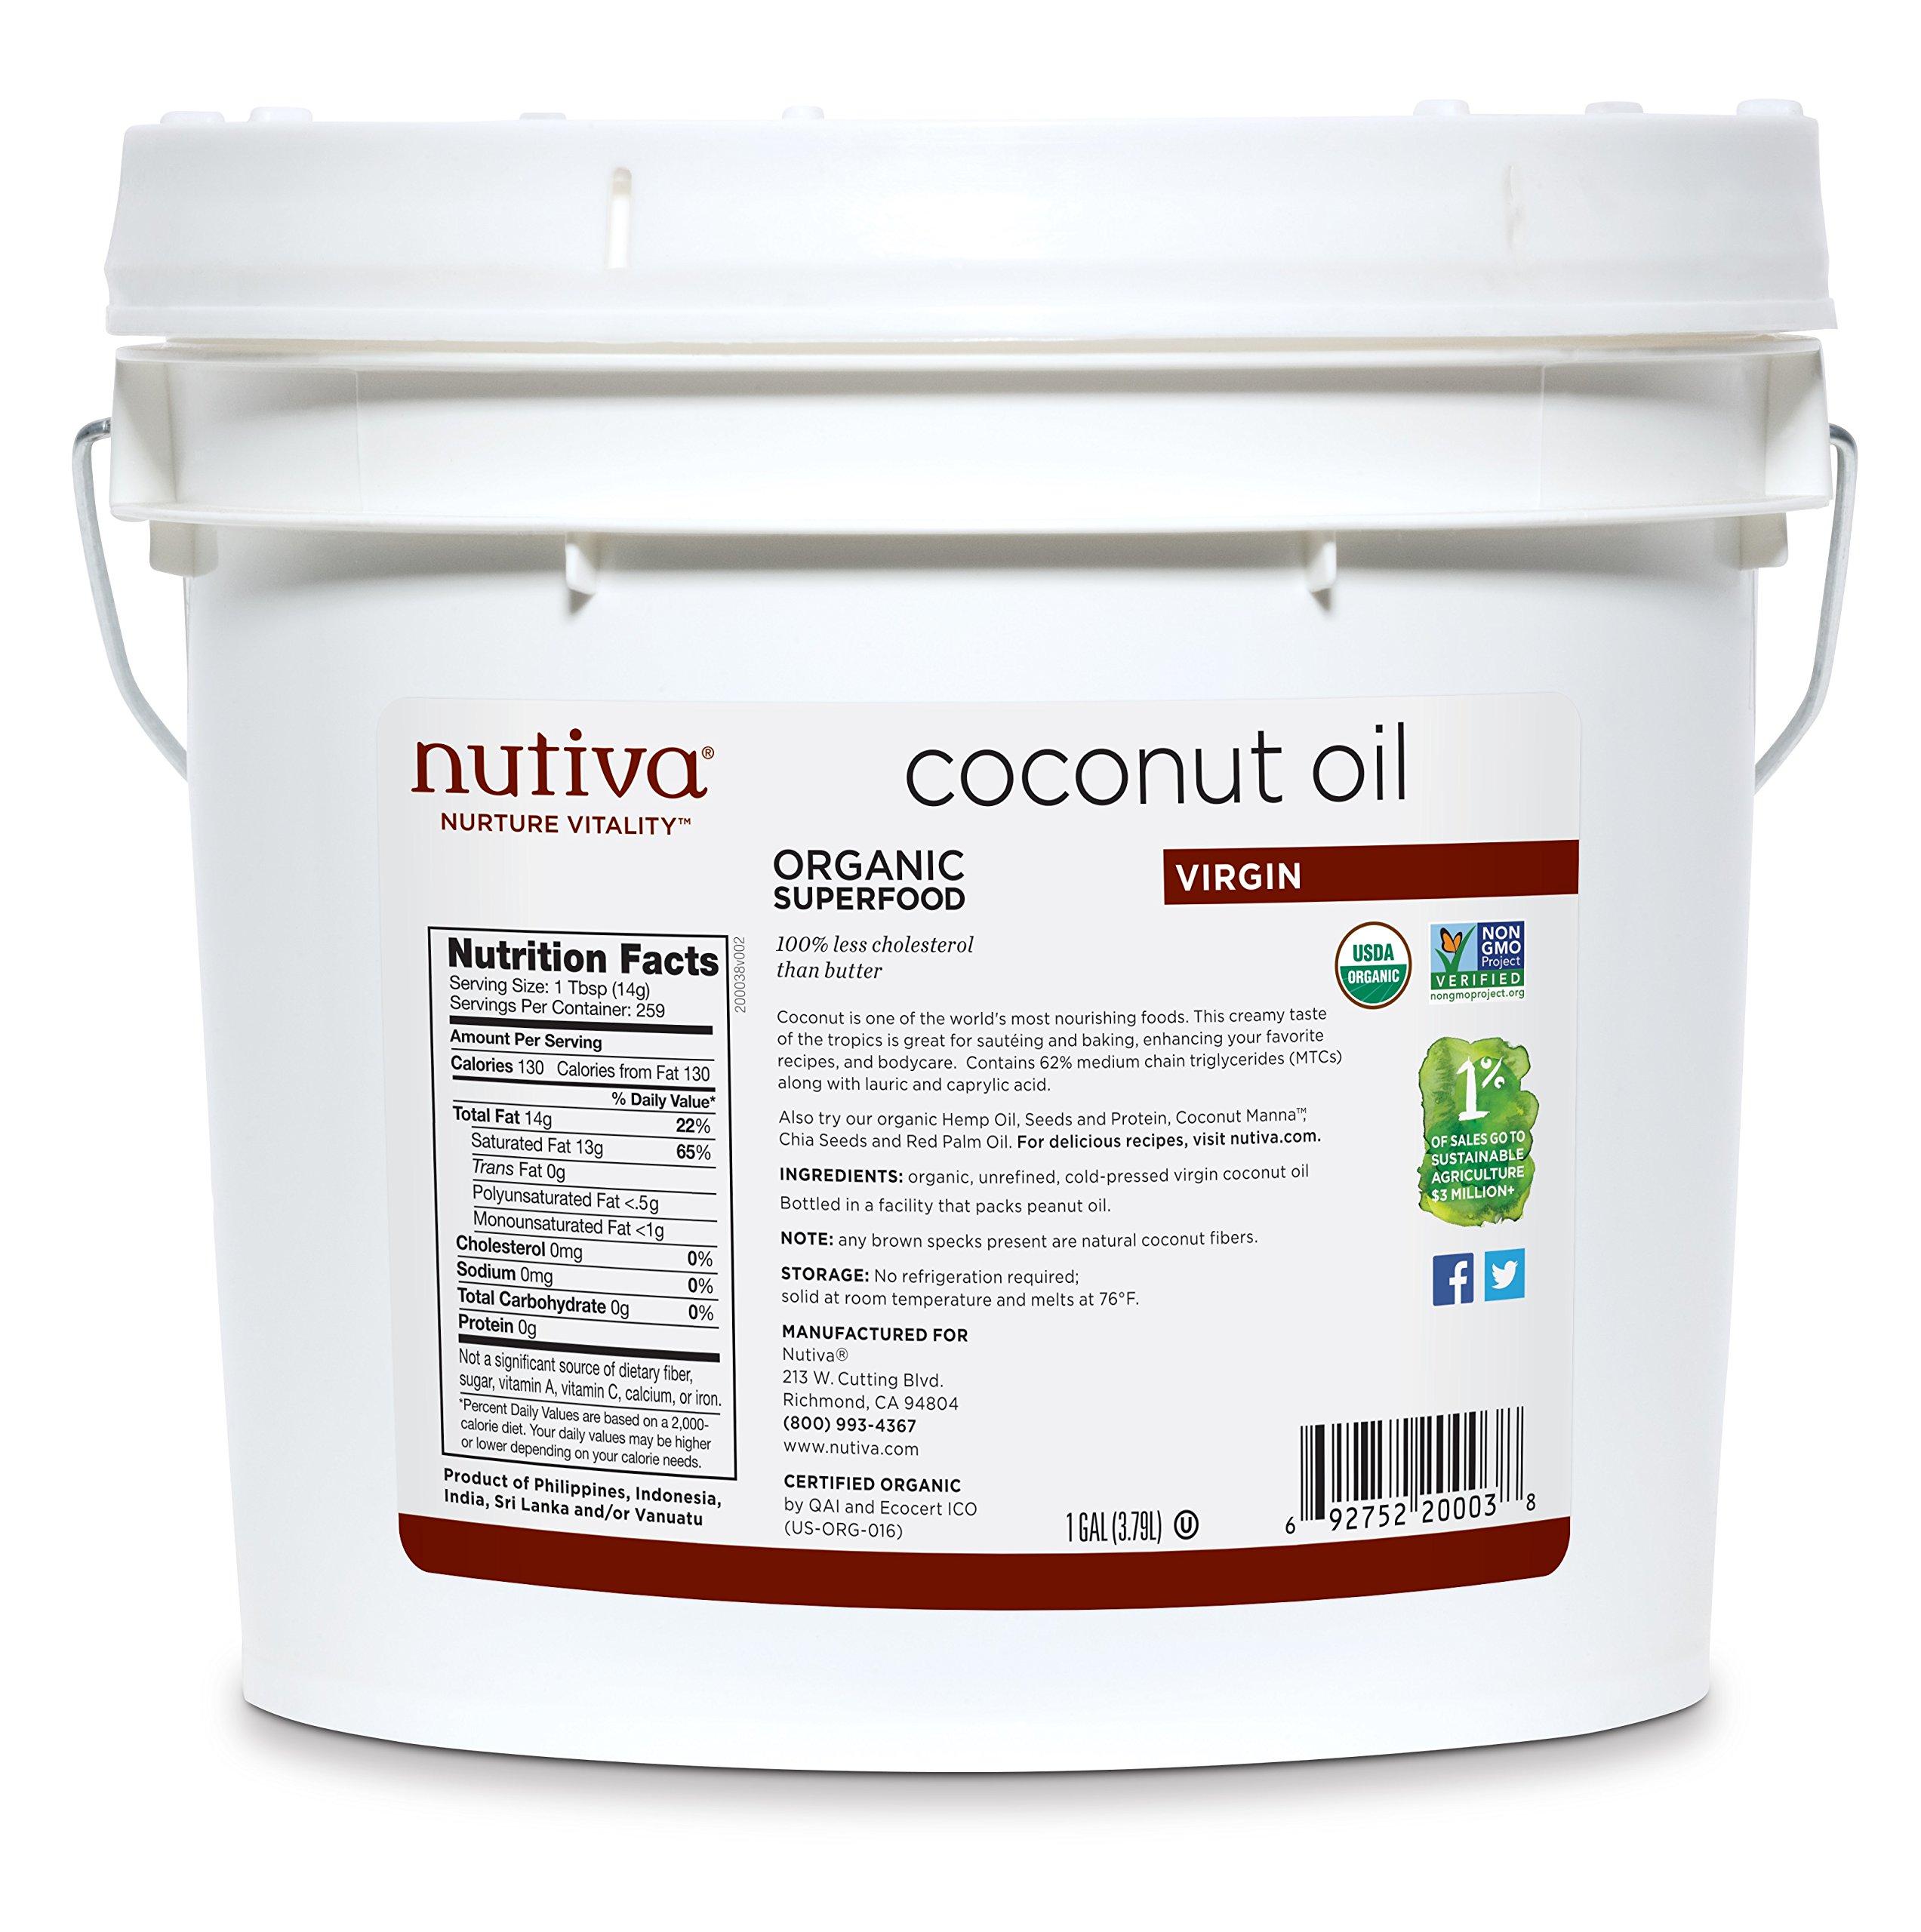 Nutiva Organic, Cold-Pressed, Unrefined, Virgin Coconut Oil from Fresh, non-GMO, Sustainably Farmed Coconuts, 1-gallon